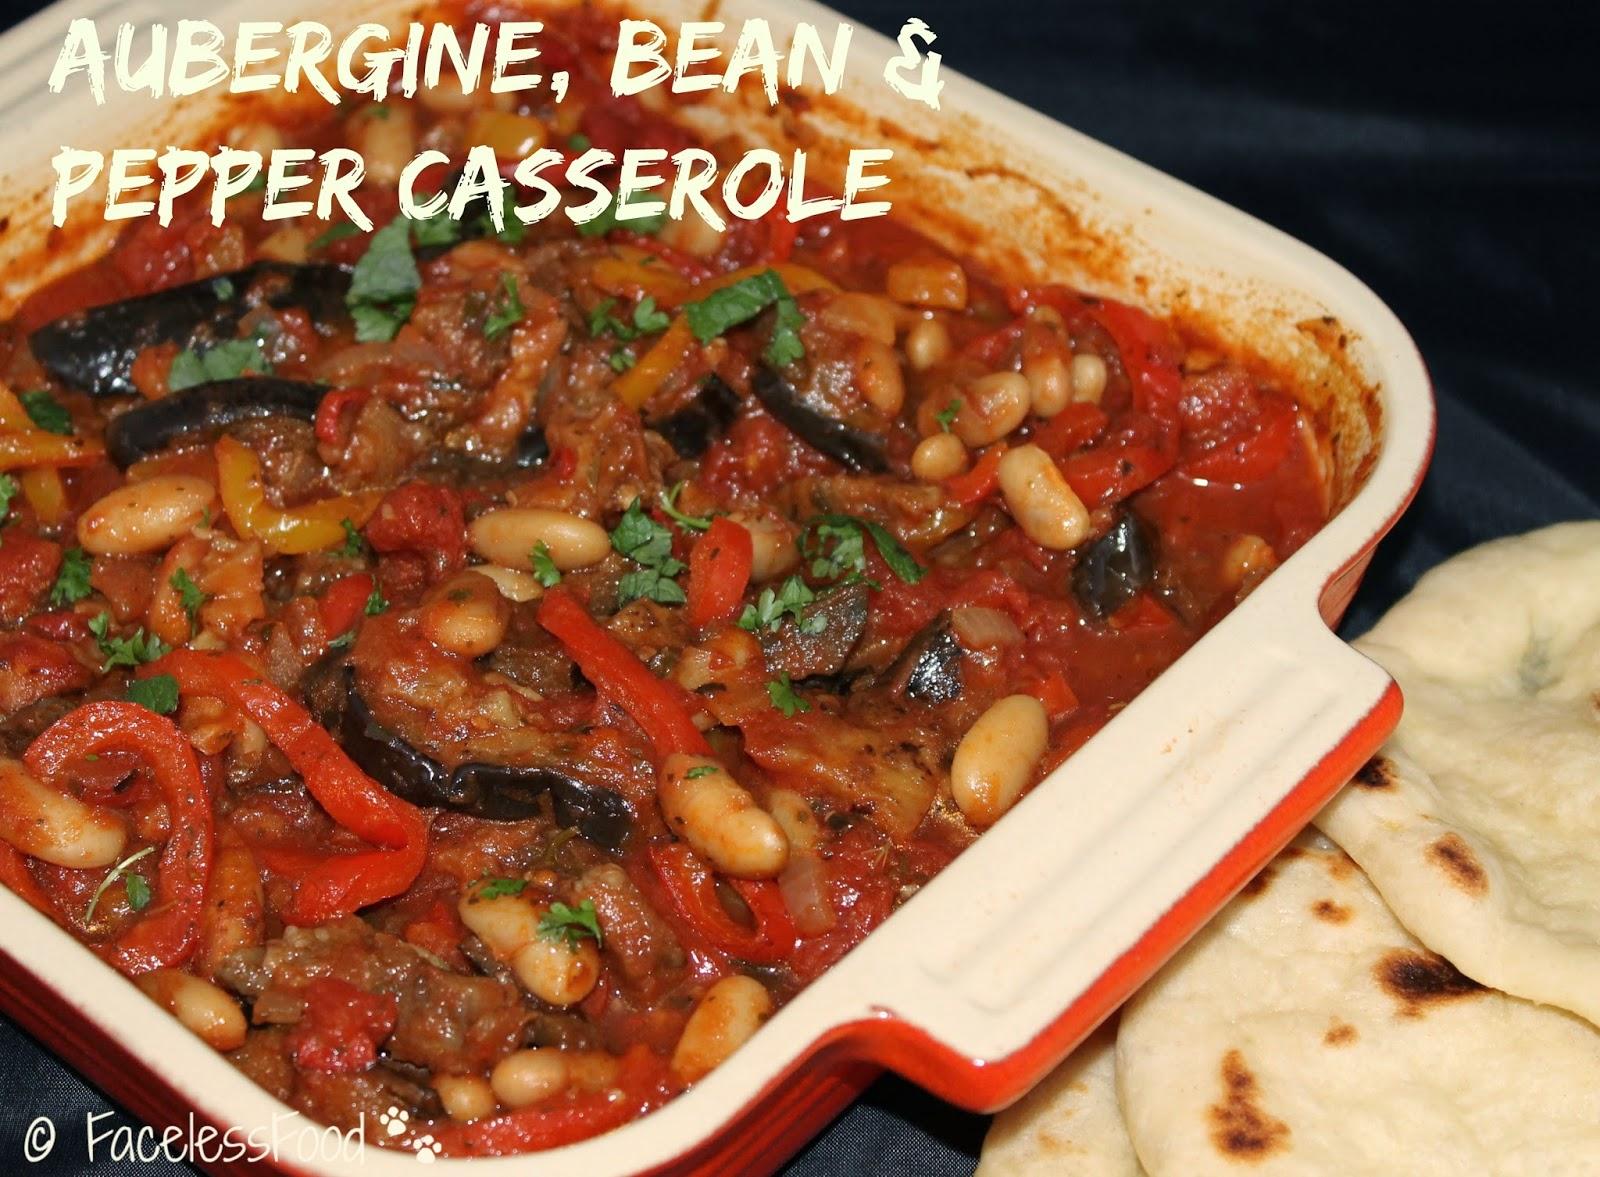 Aubergine, Bean & Pepper Casserole